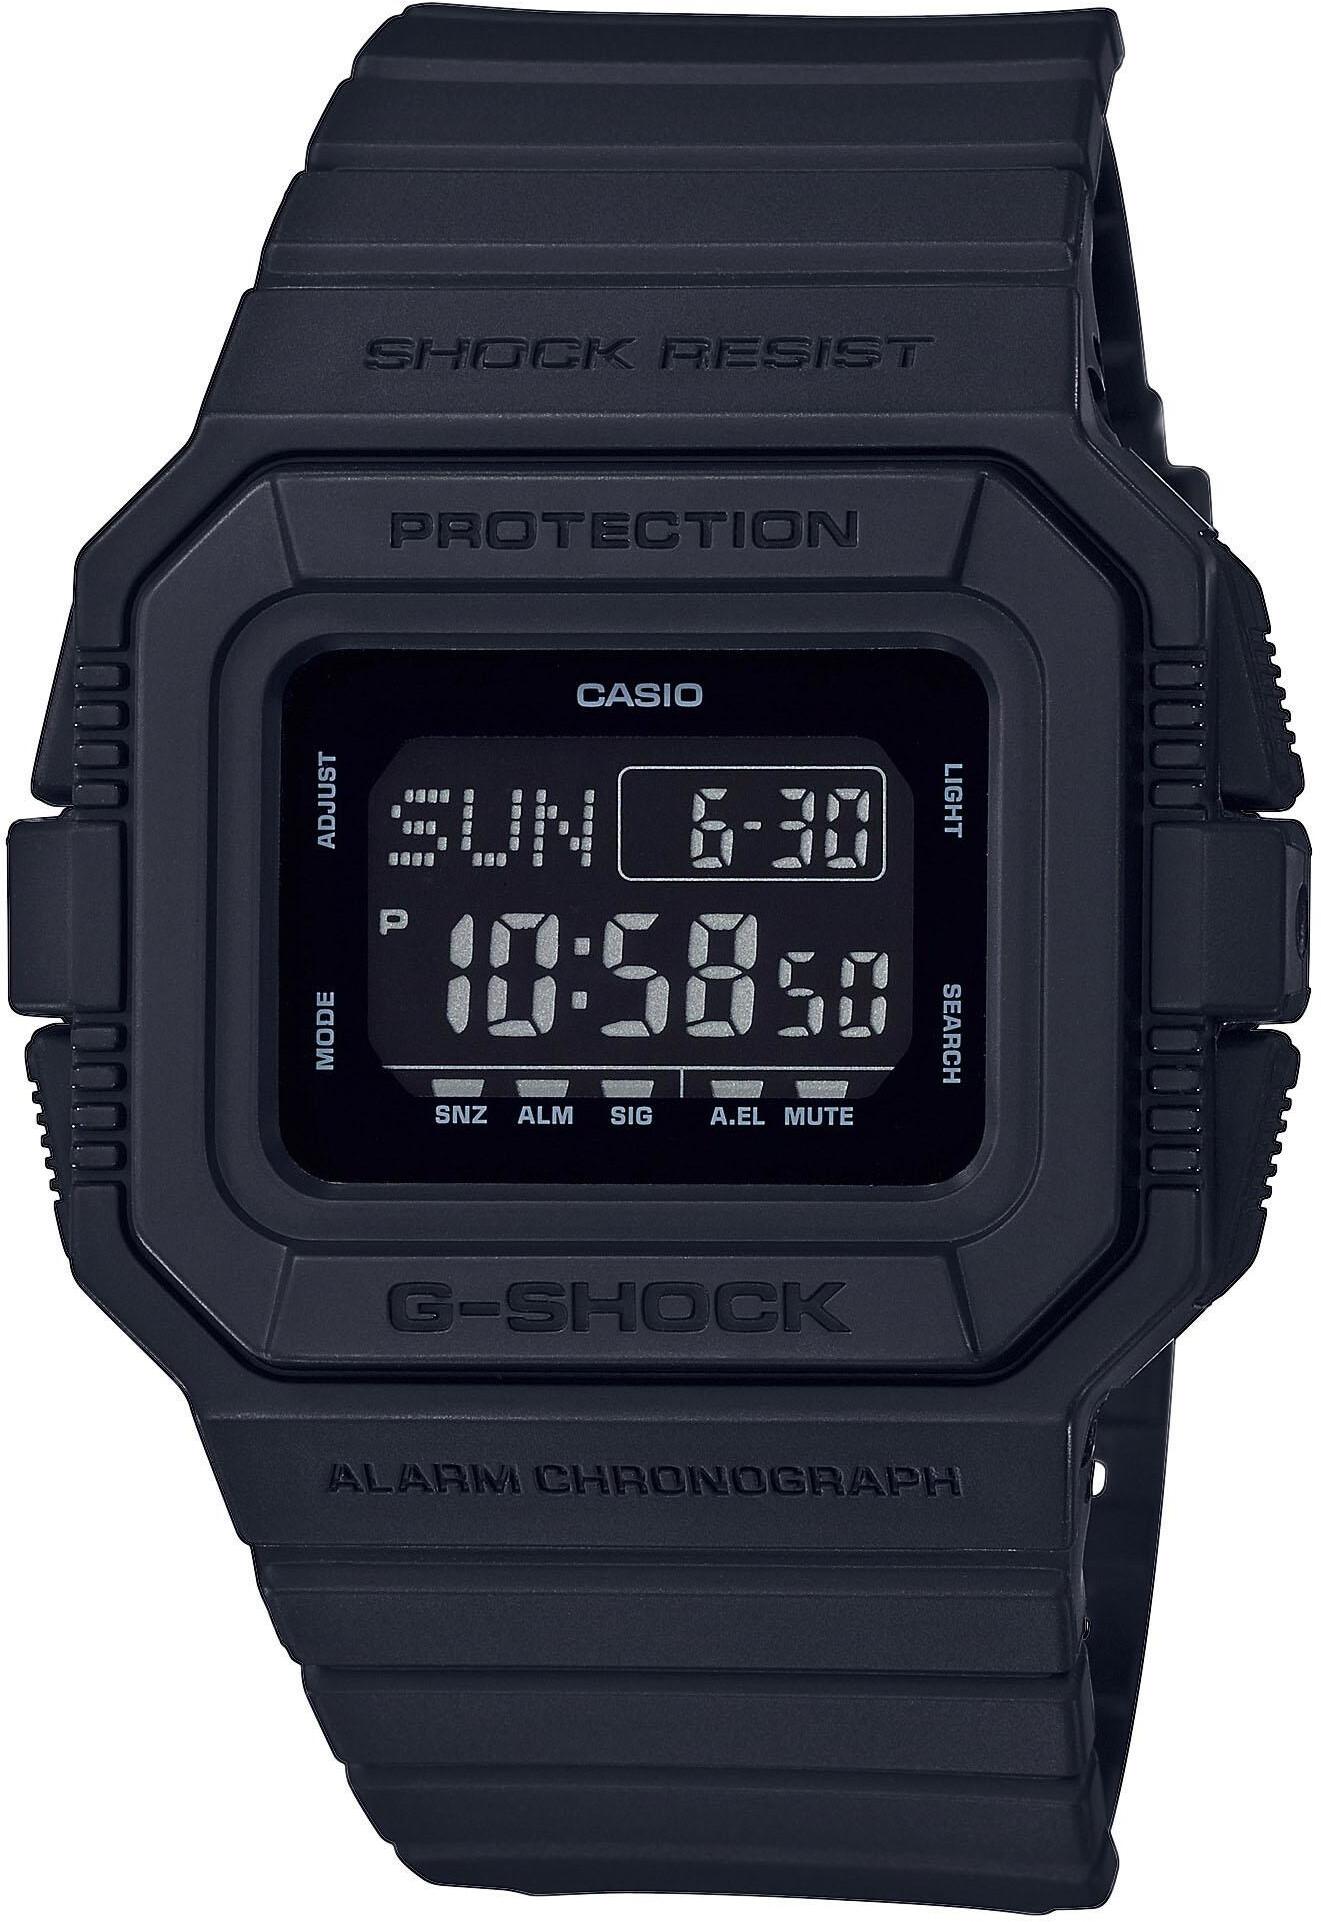 CASIO G-SHOCK DW-D5500BB-1ER Watch Men, black | Sports watches